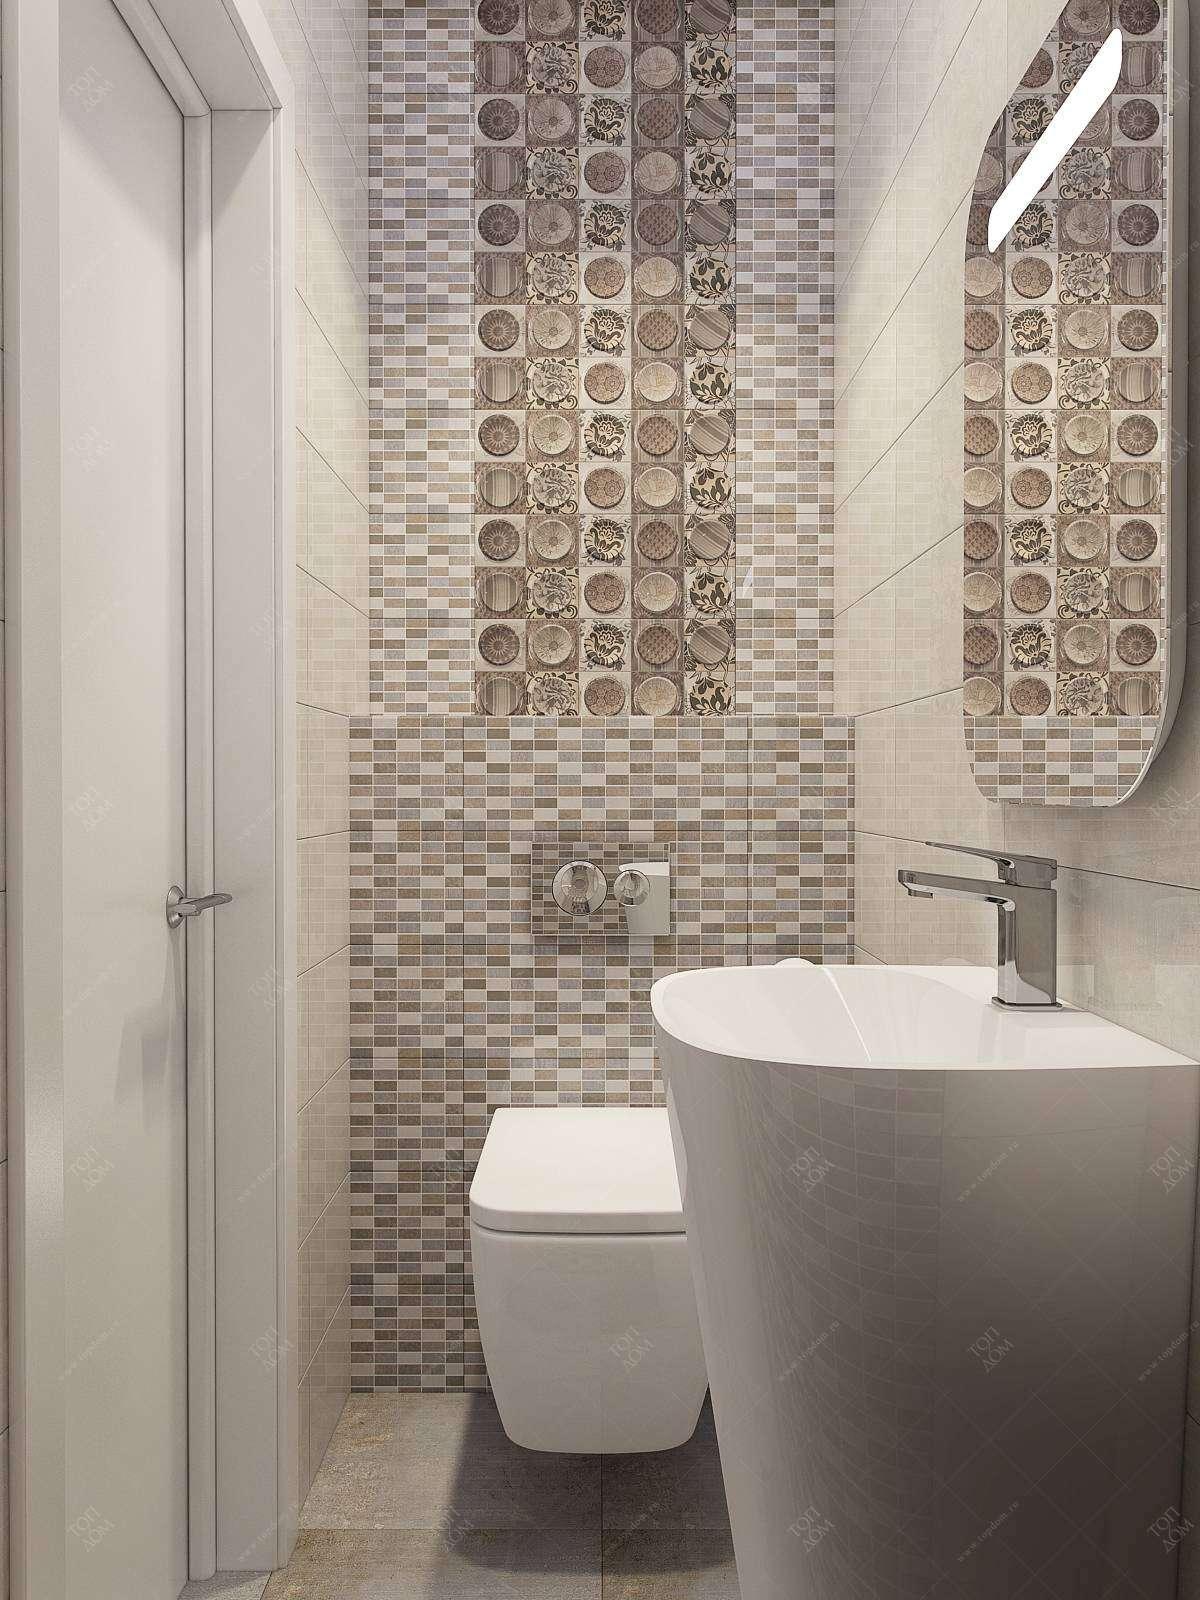 Дизайн интерьера туалетов санузлов в квартирах и домах